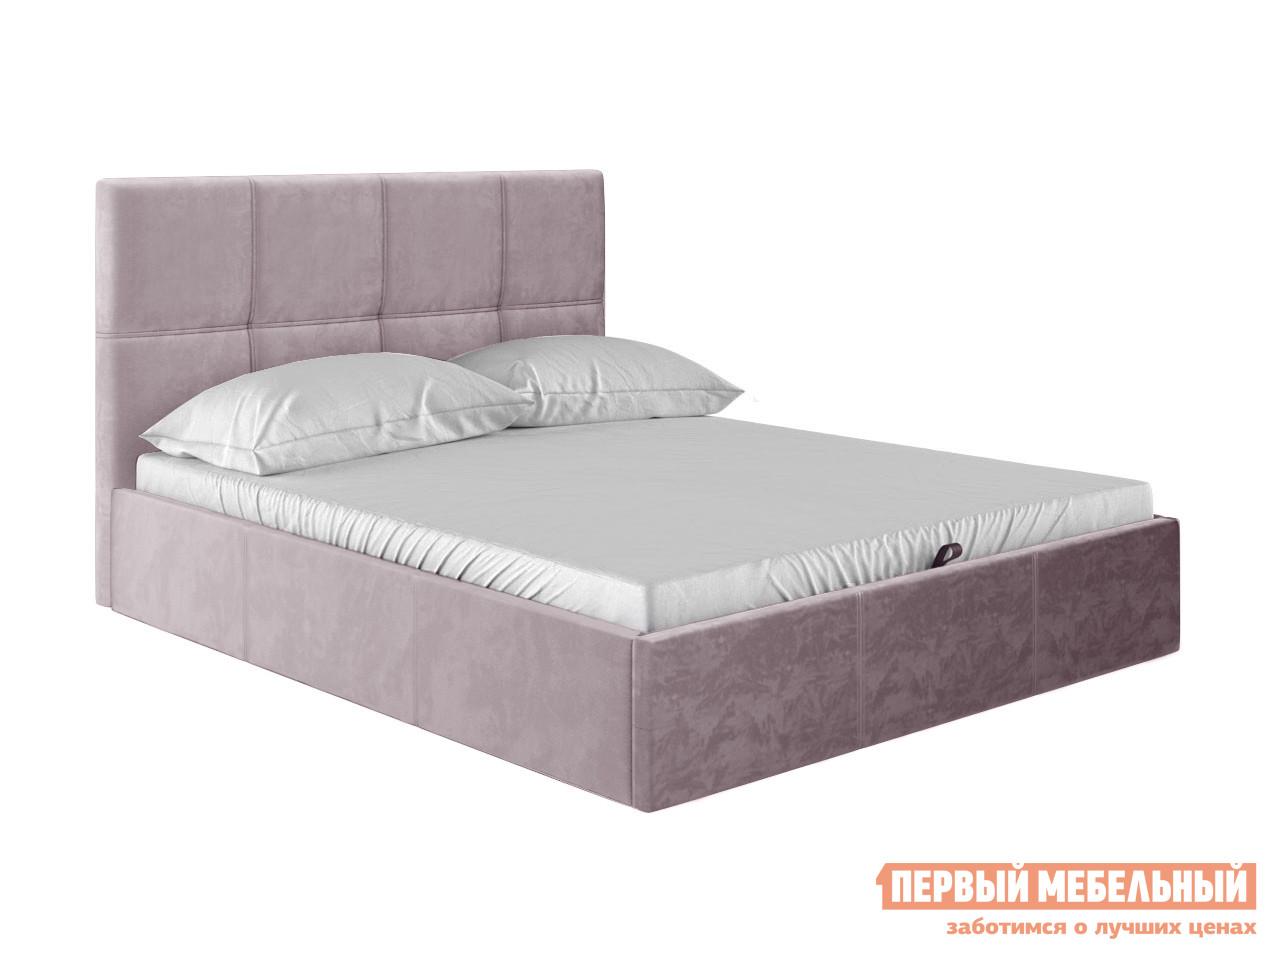 Двуспальная кровать  Верда Розовый, велюр, 140х200 см